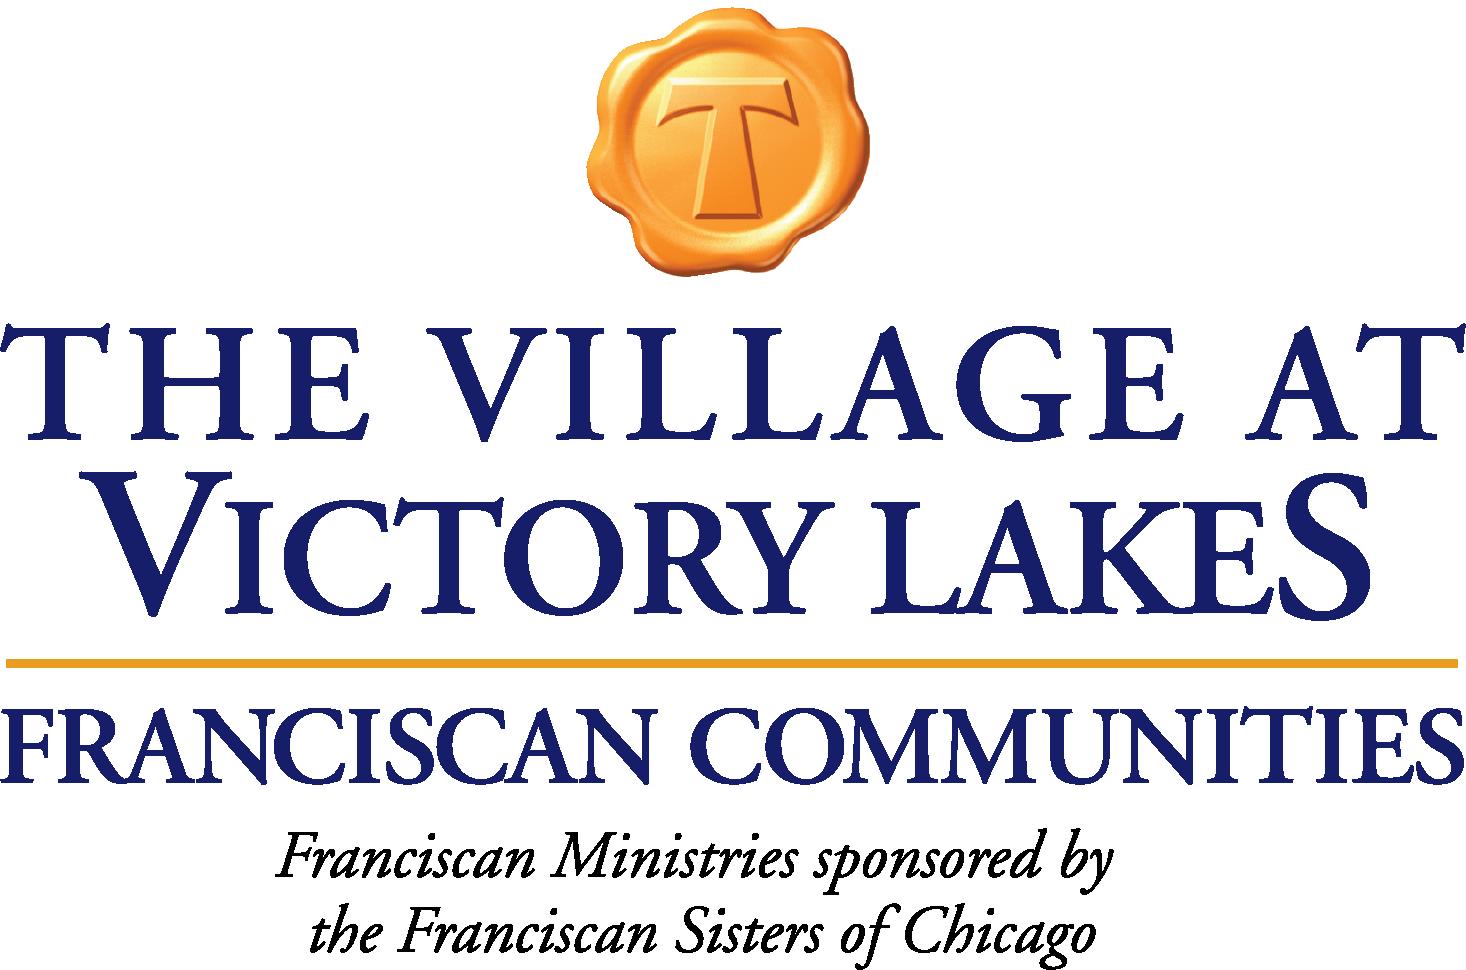 The Village at Victory Lakes logo